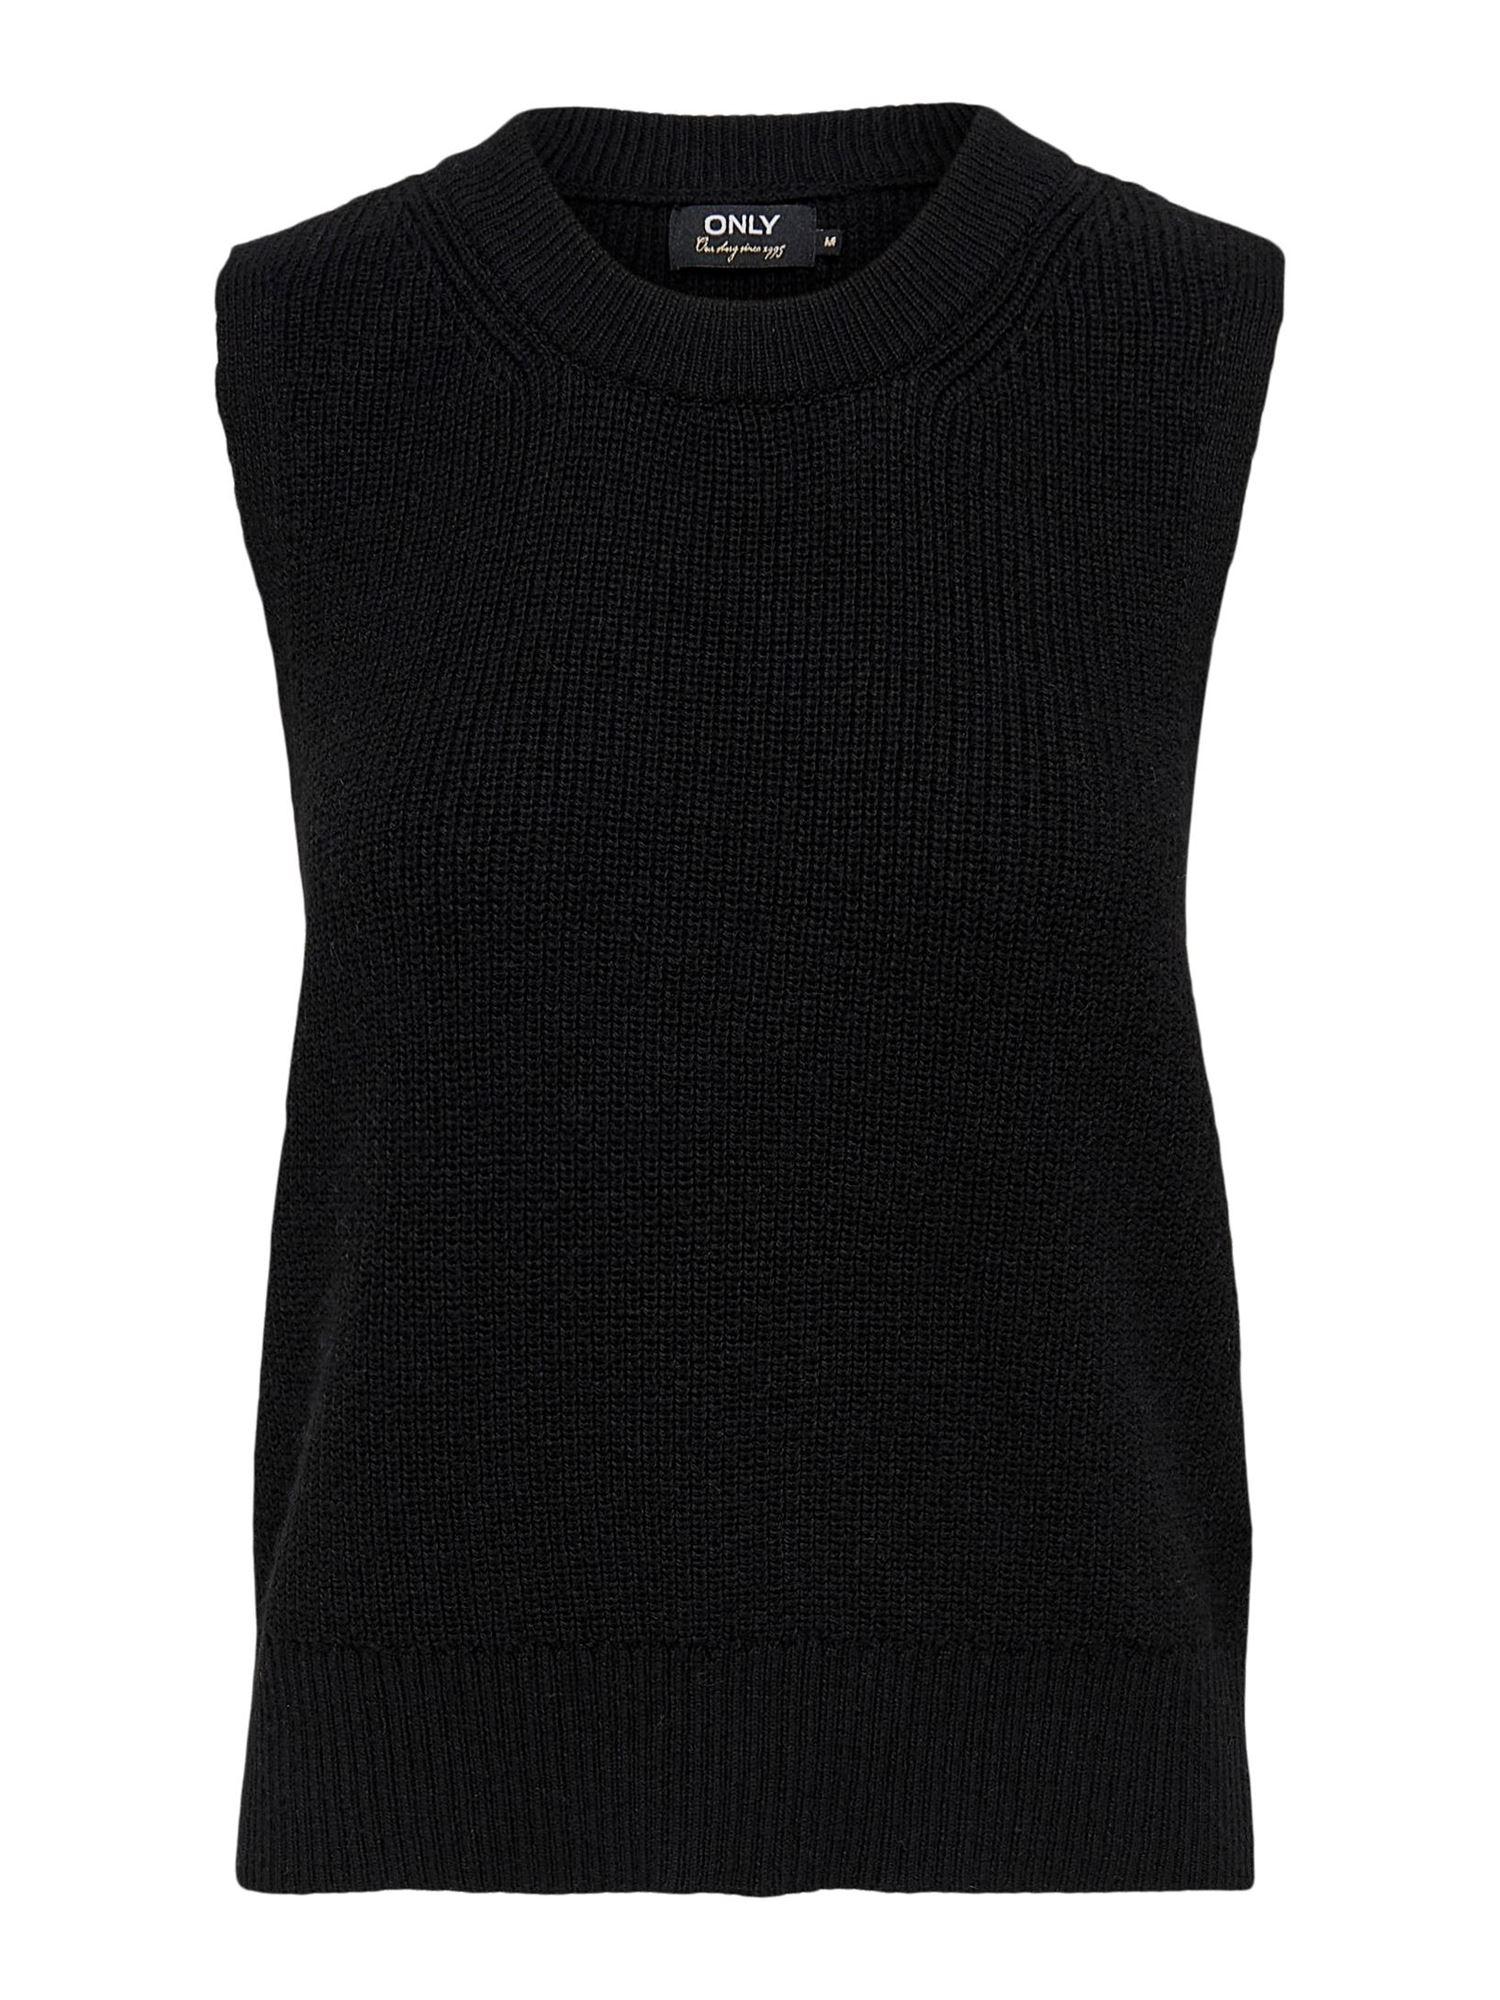 ONLY Paris vest